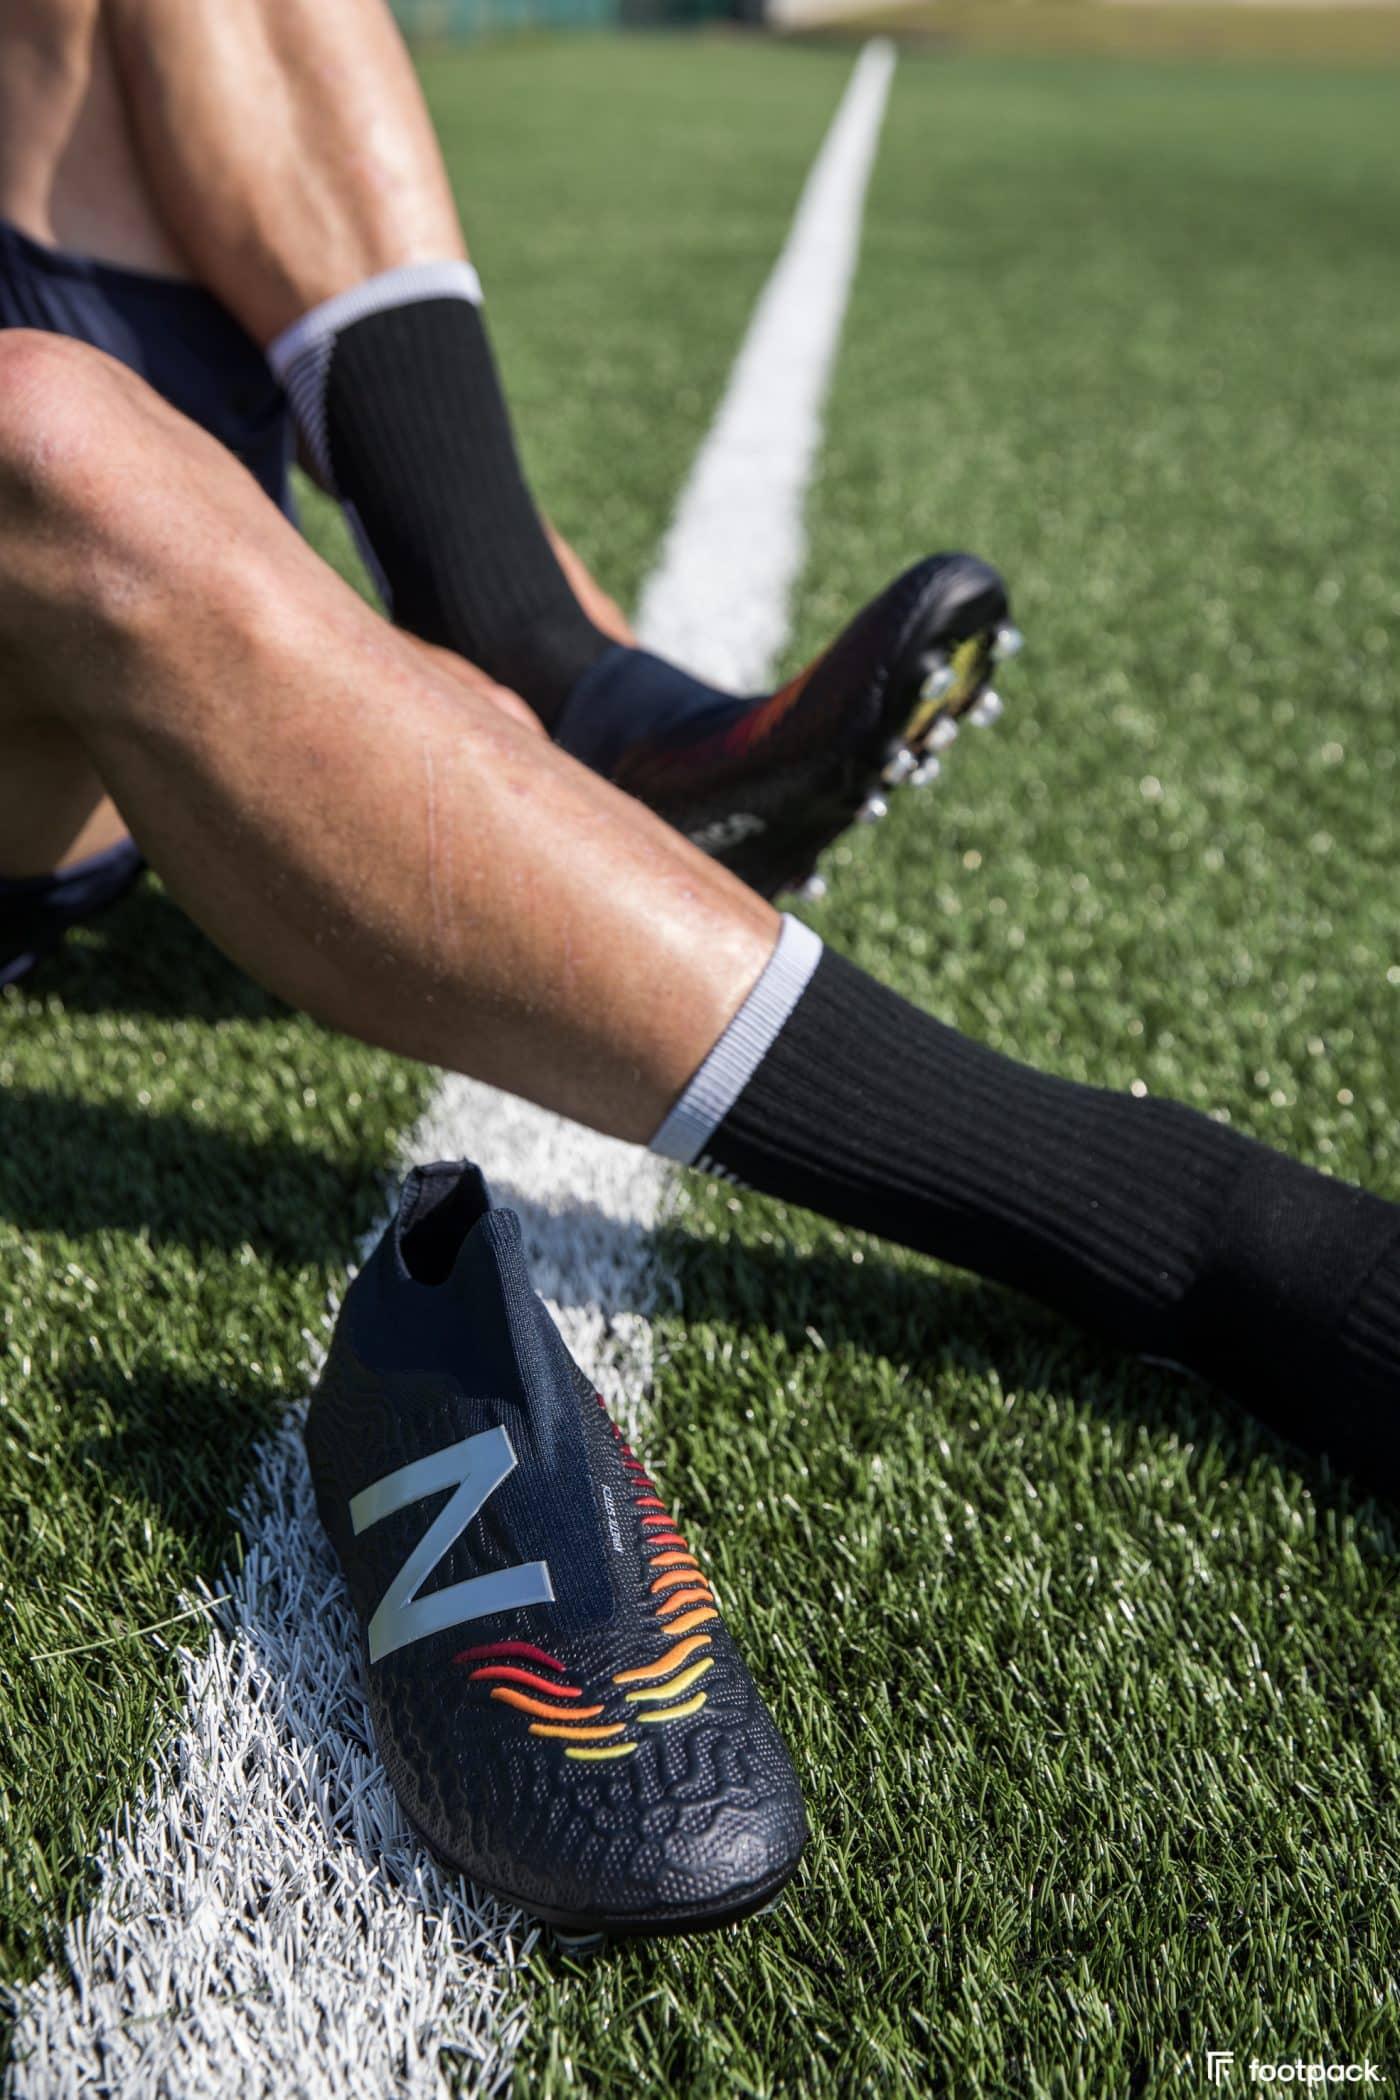 guide-comment-casser-ses-chaussures-de-foot-2